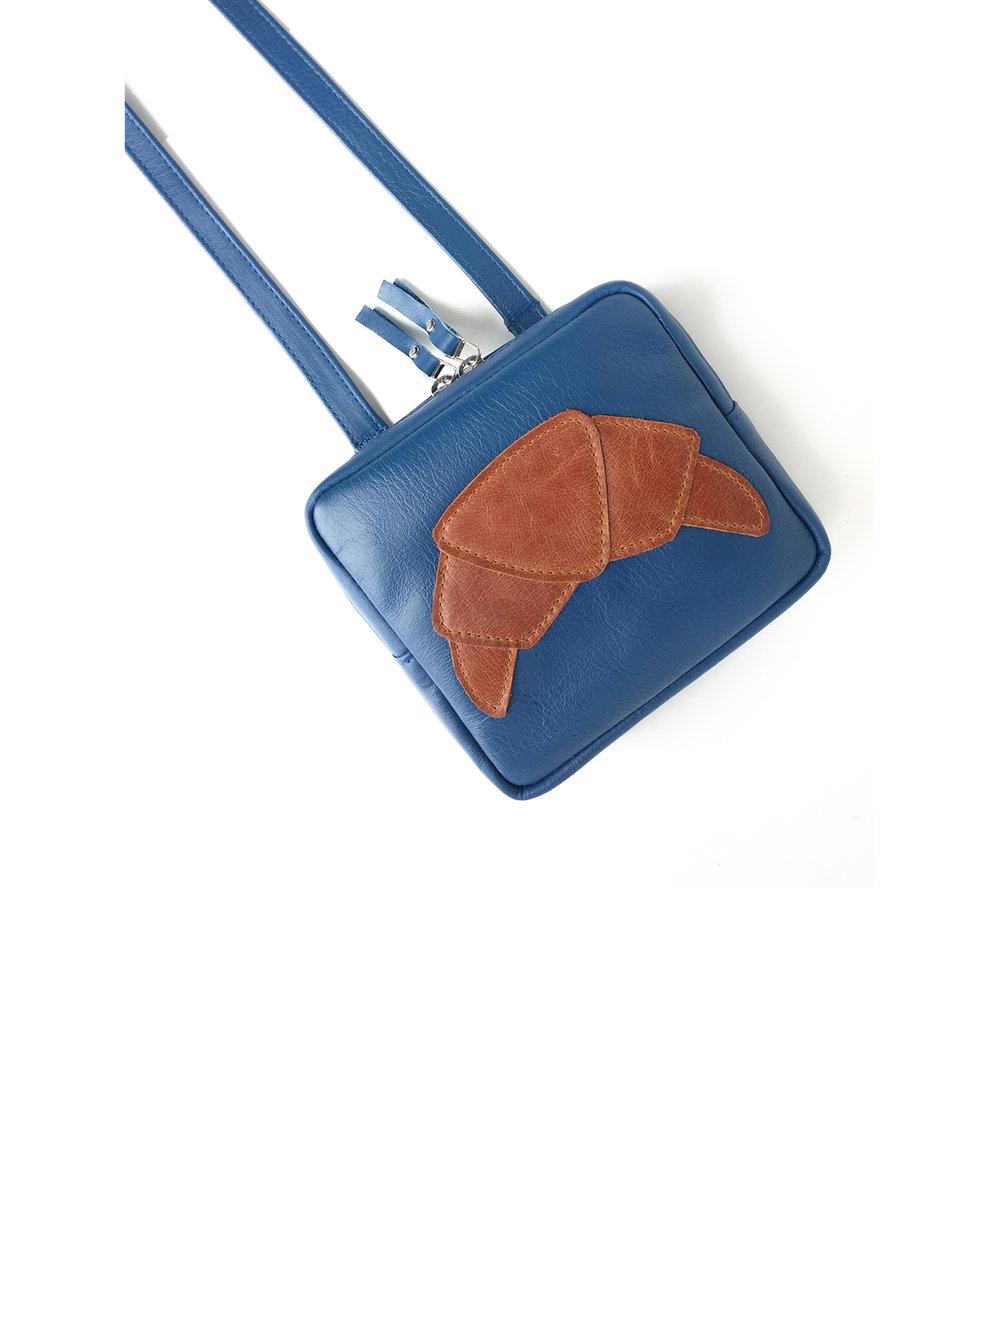 Croissant appliqué Mini handbag - more colors available150.00$